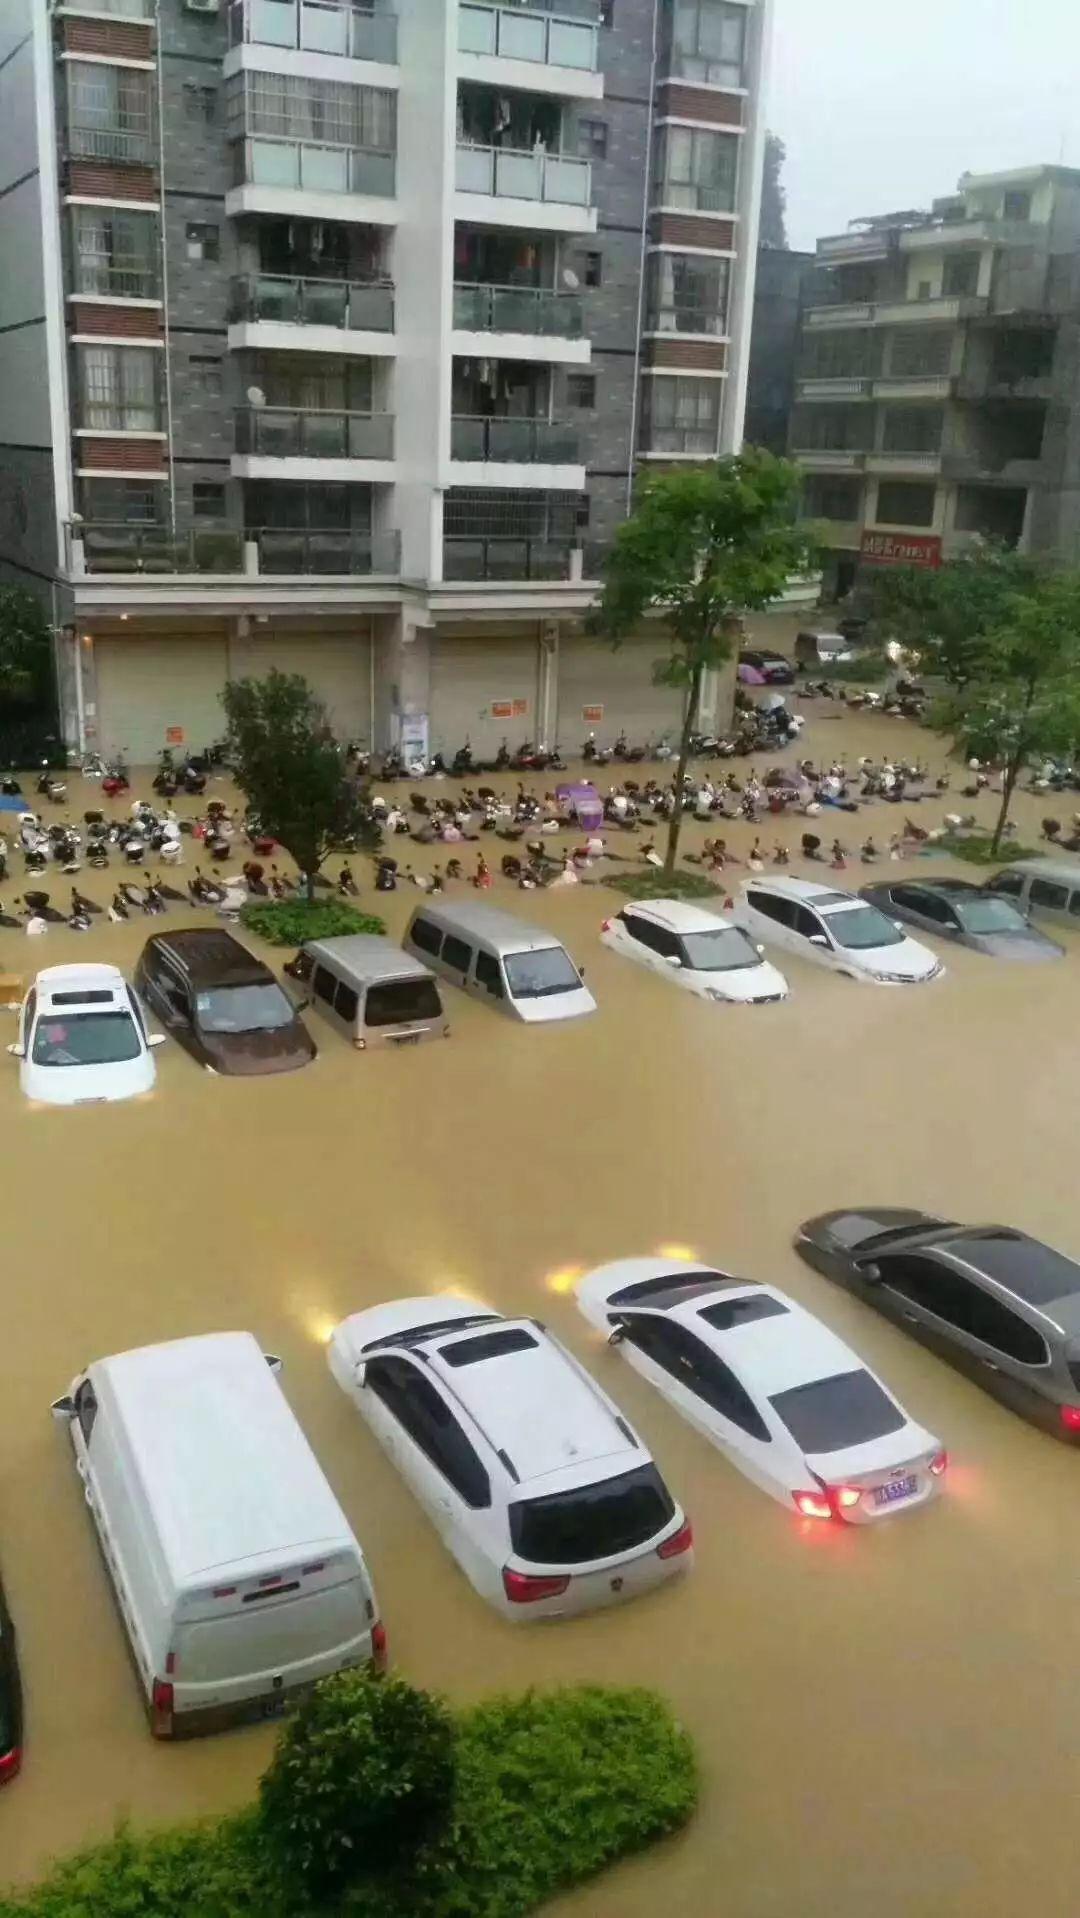 可怕!今早东莞多地严重水浸!未来几天将发生暴雨到大暴雨+8级大风………插图